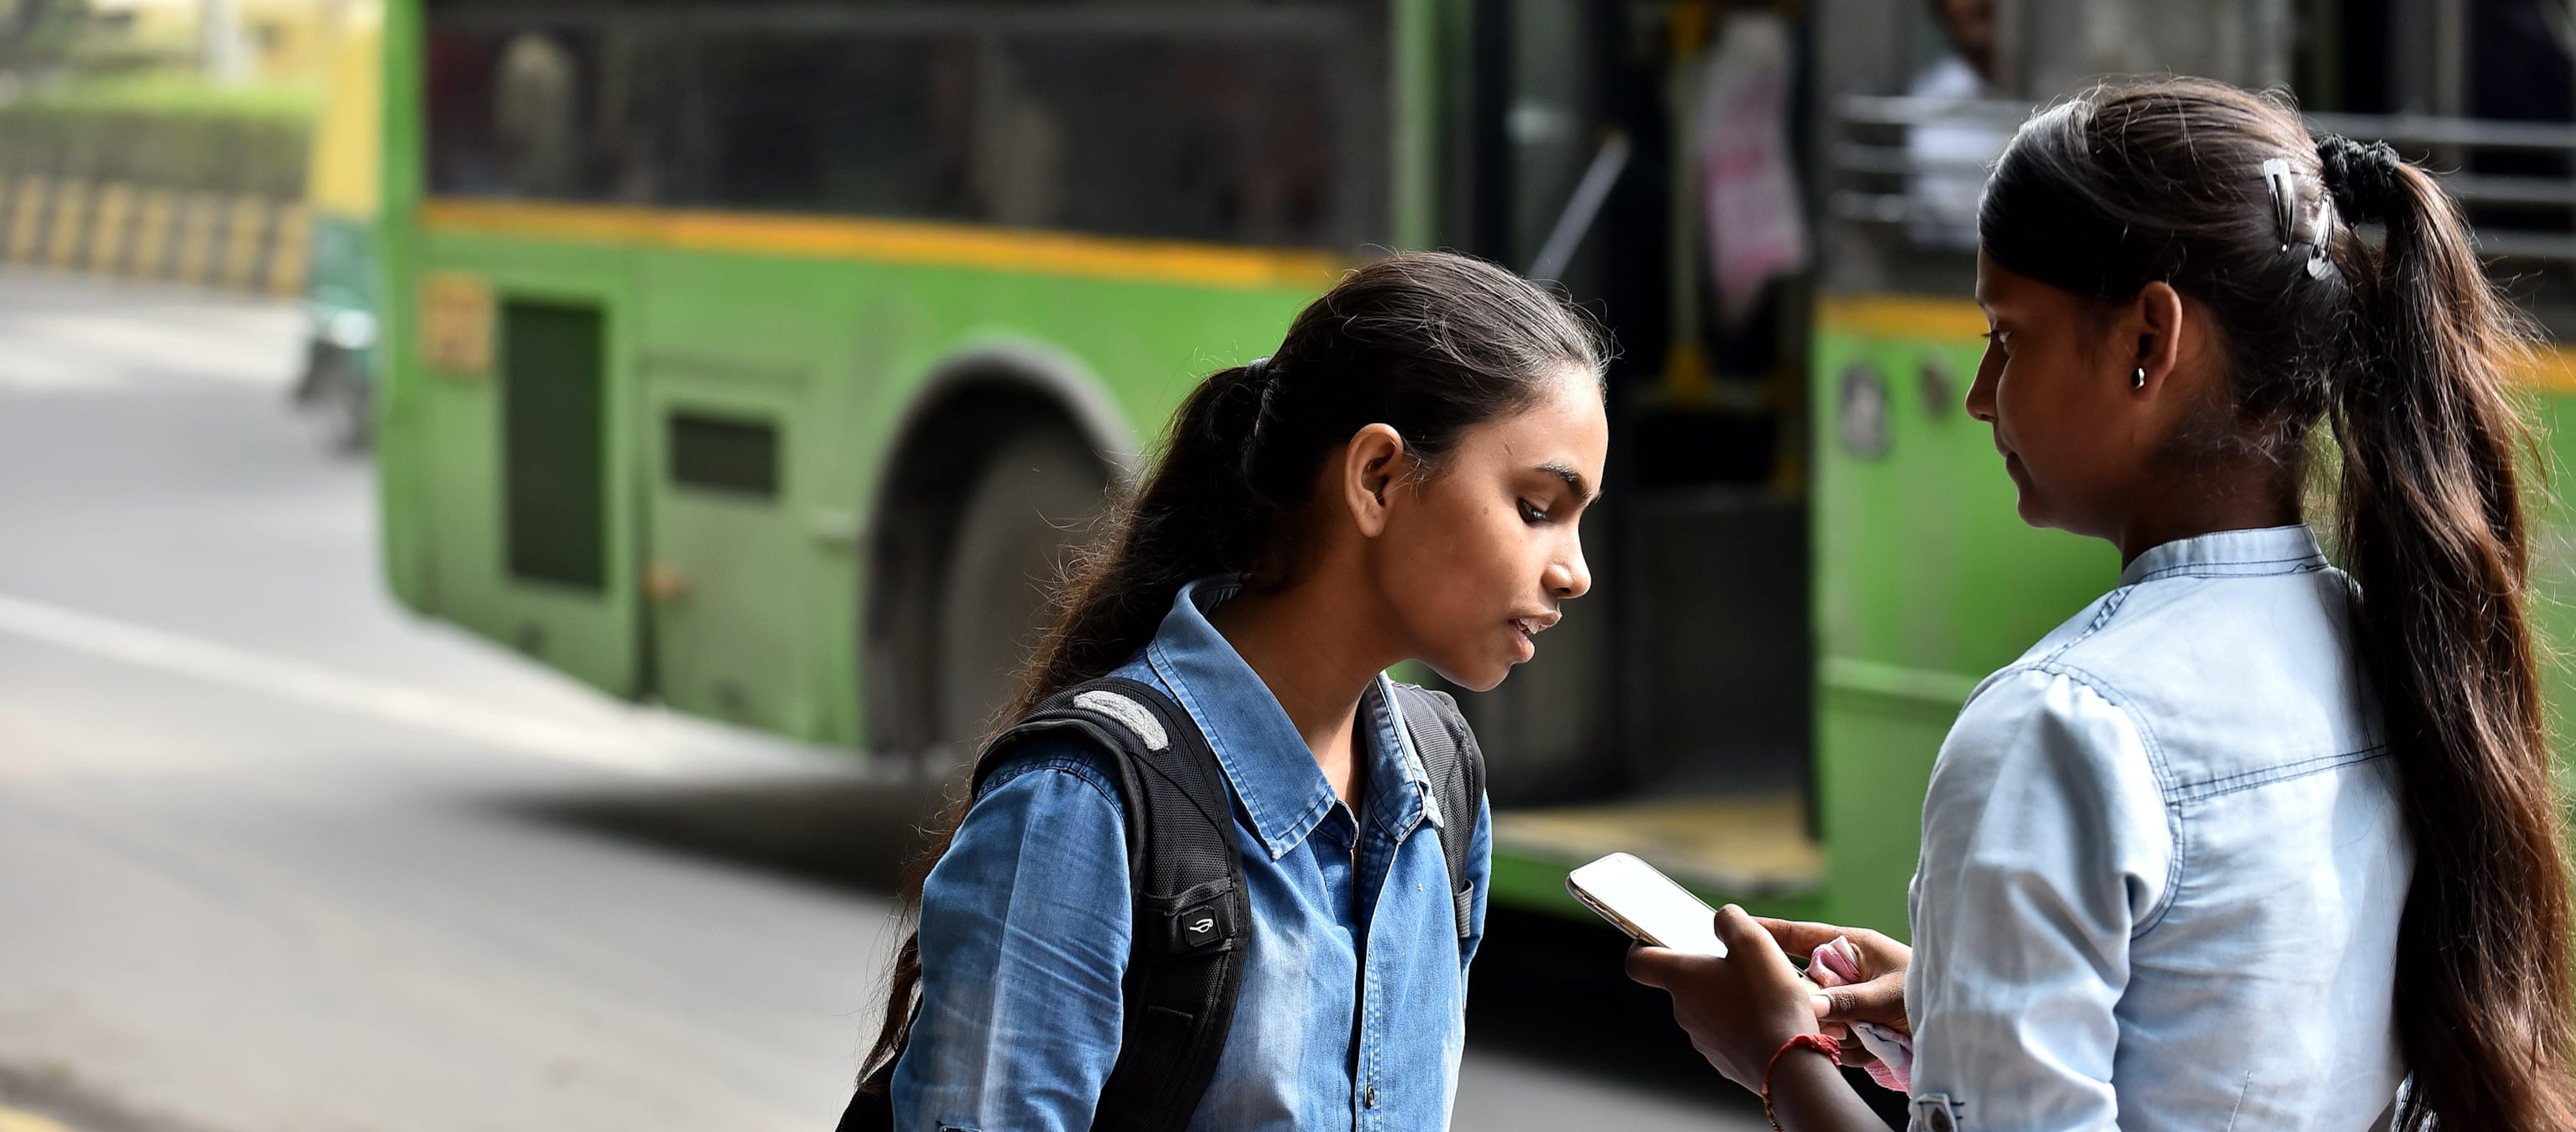 Ragazze scuole media con uno smartphone